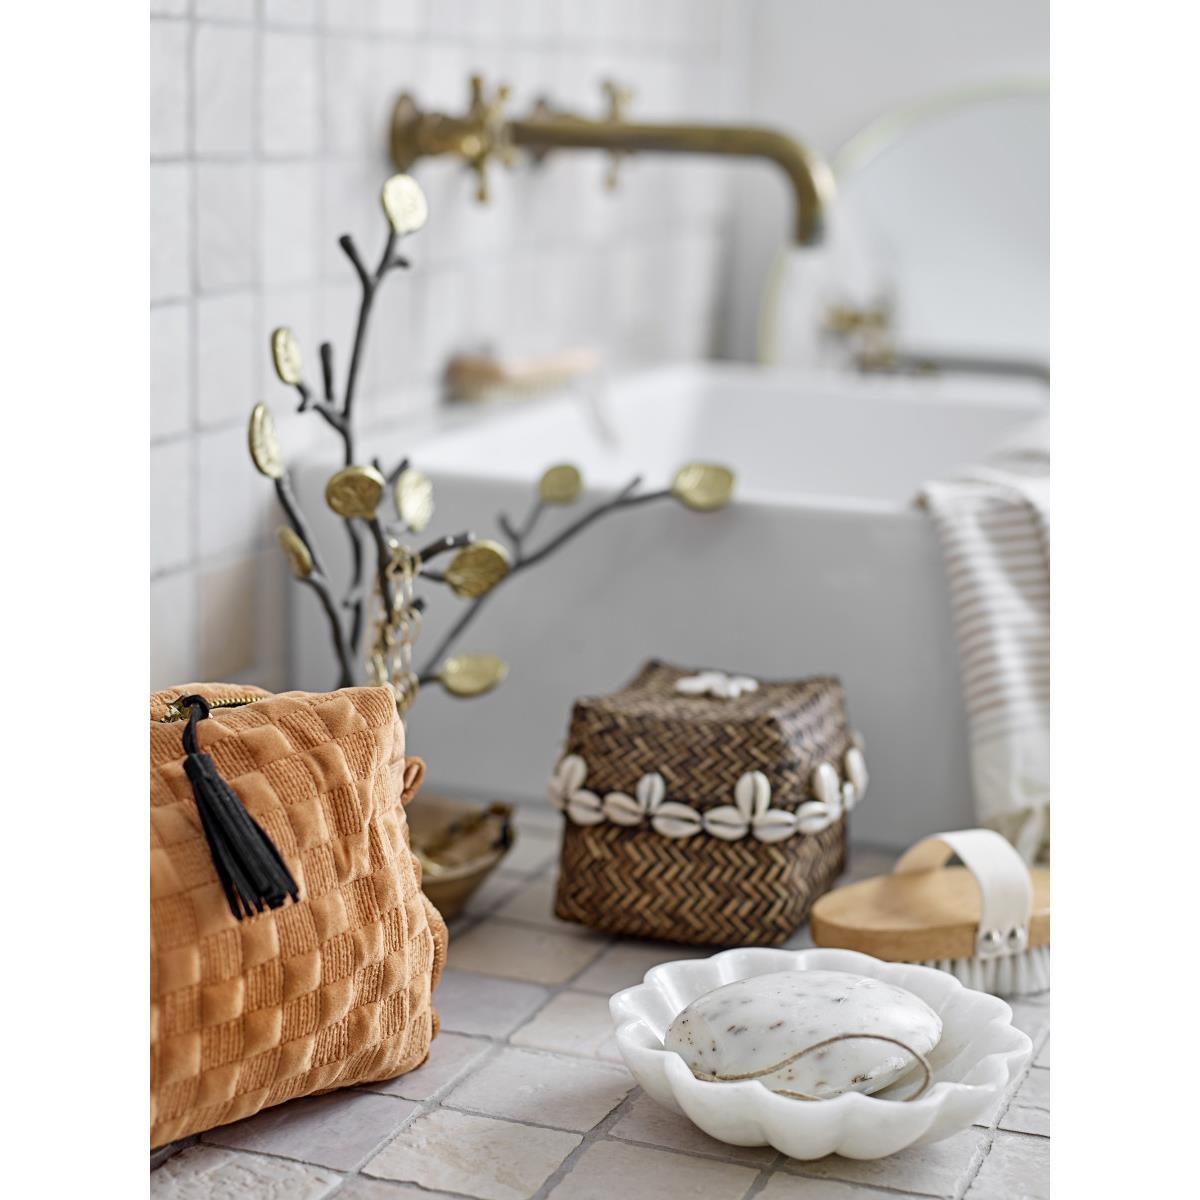 Bavlněný ručník 120x80 cm SET/2 ks šedý_1